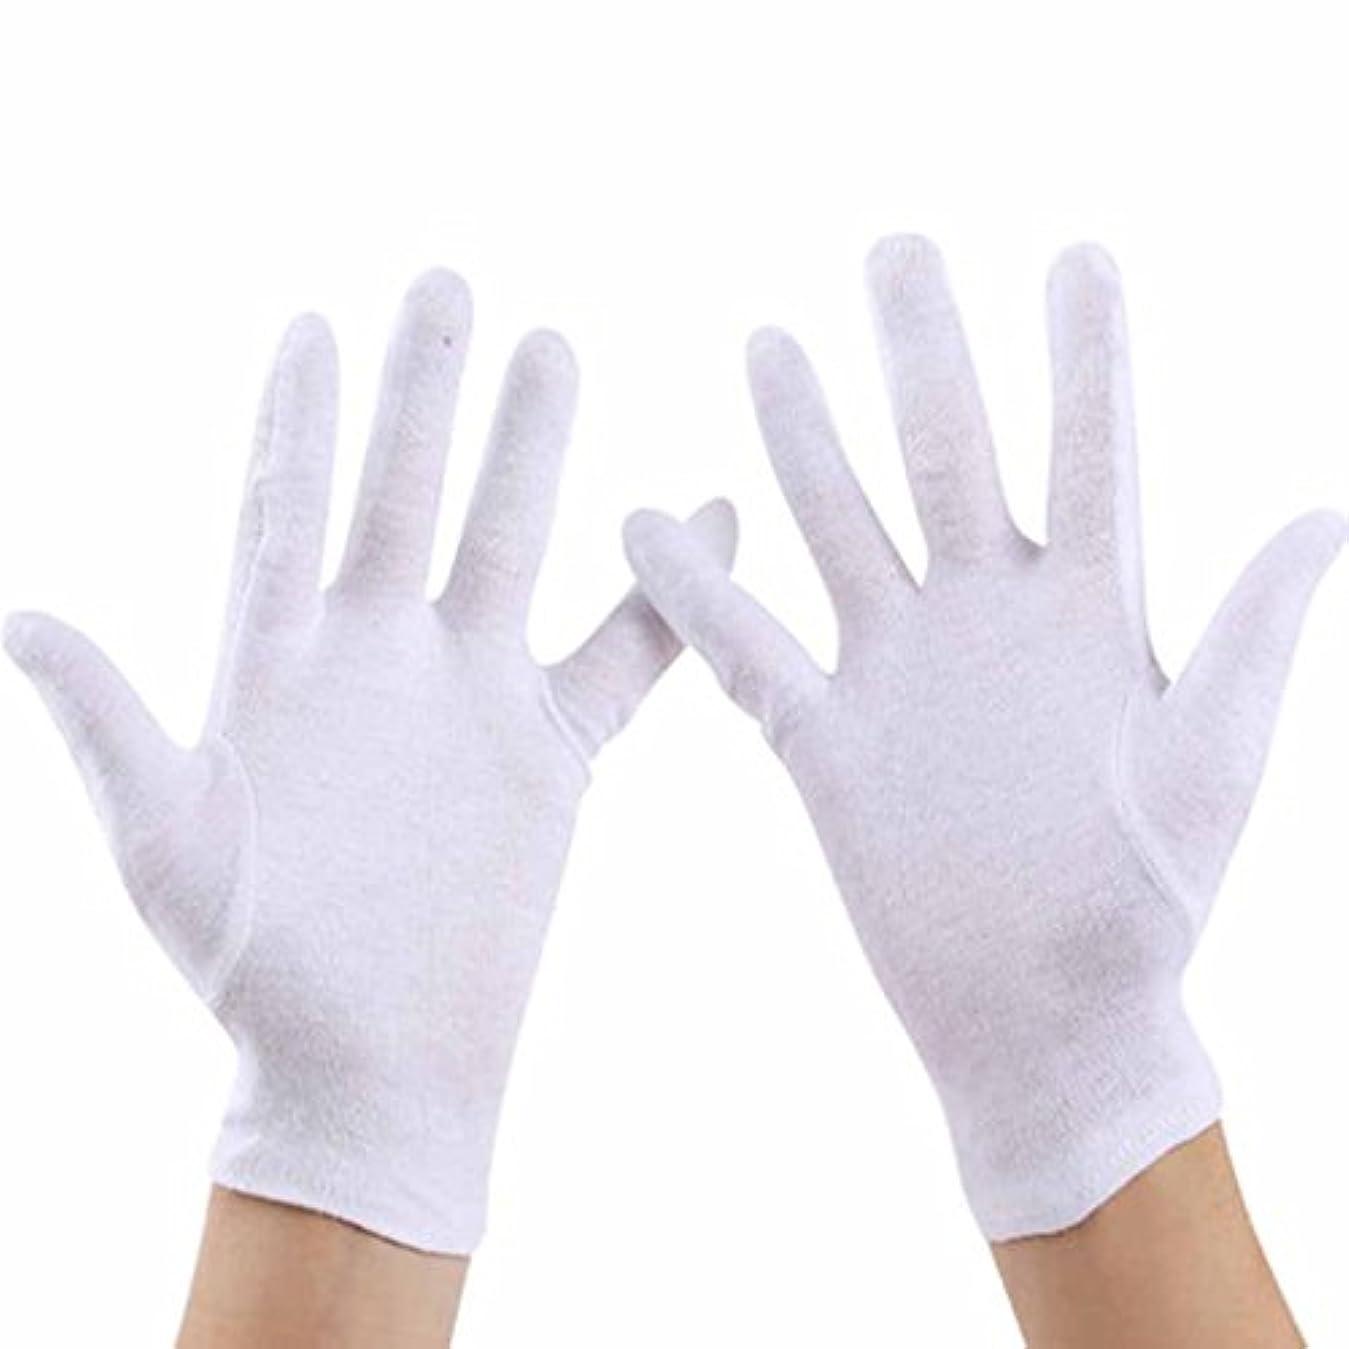 キリン最初バリケード使い捨て手袋 ホワイトエチケットコットン手袋、快適で 吸収性手袋 (Size : L)